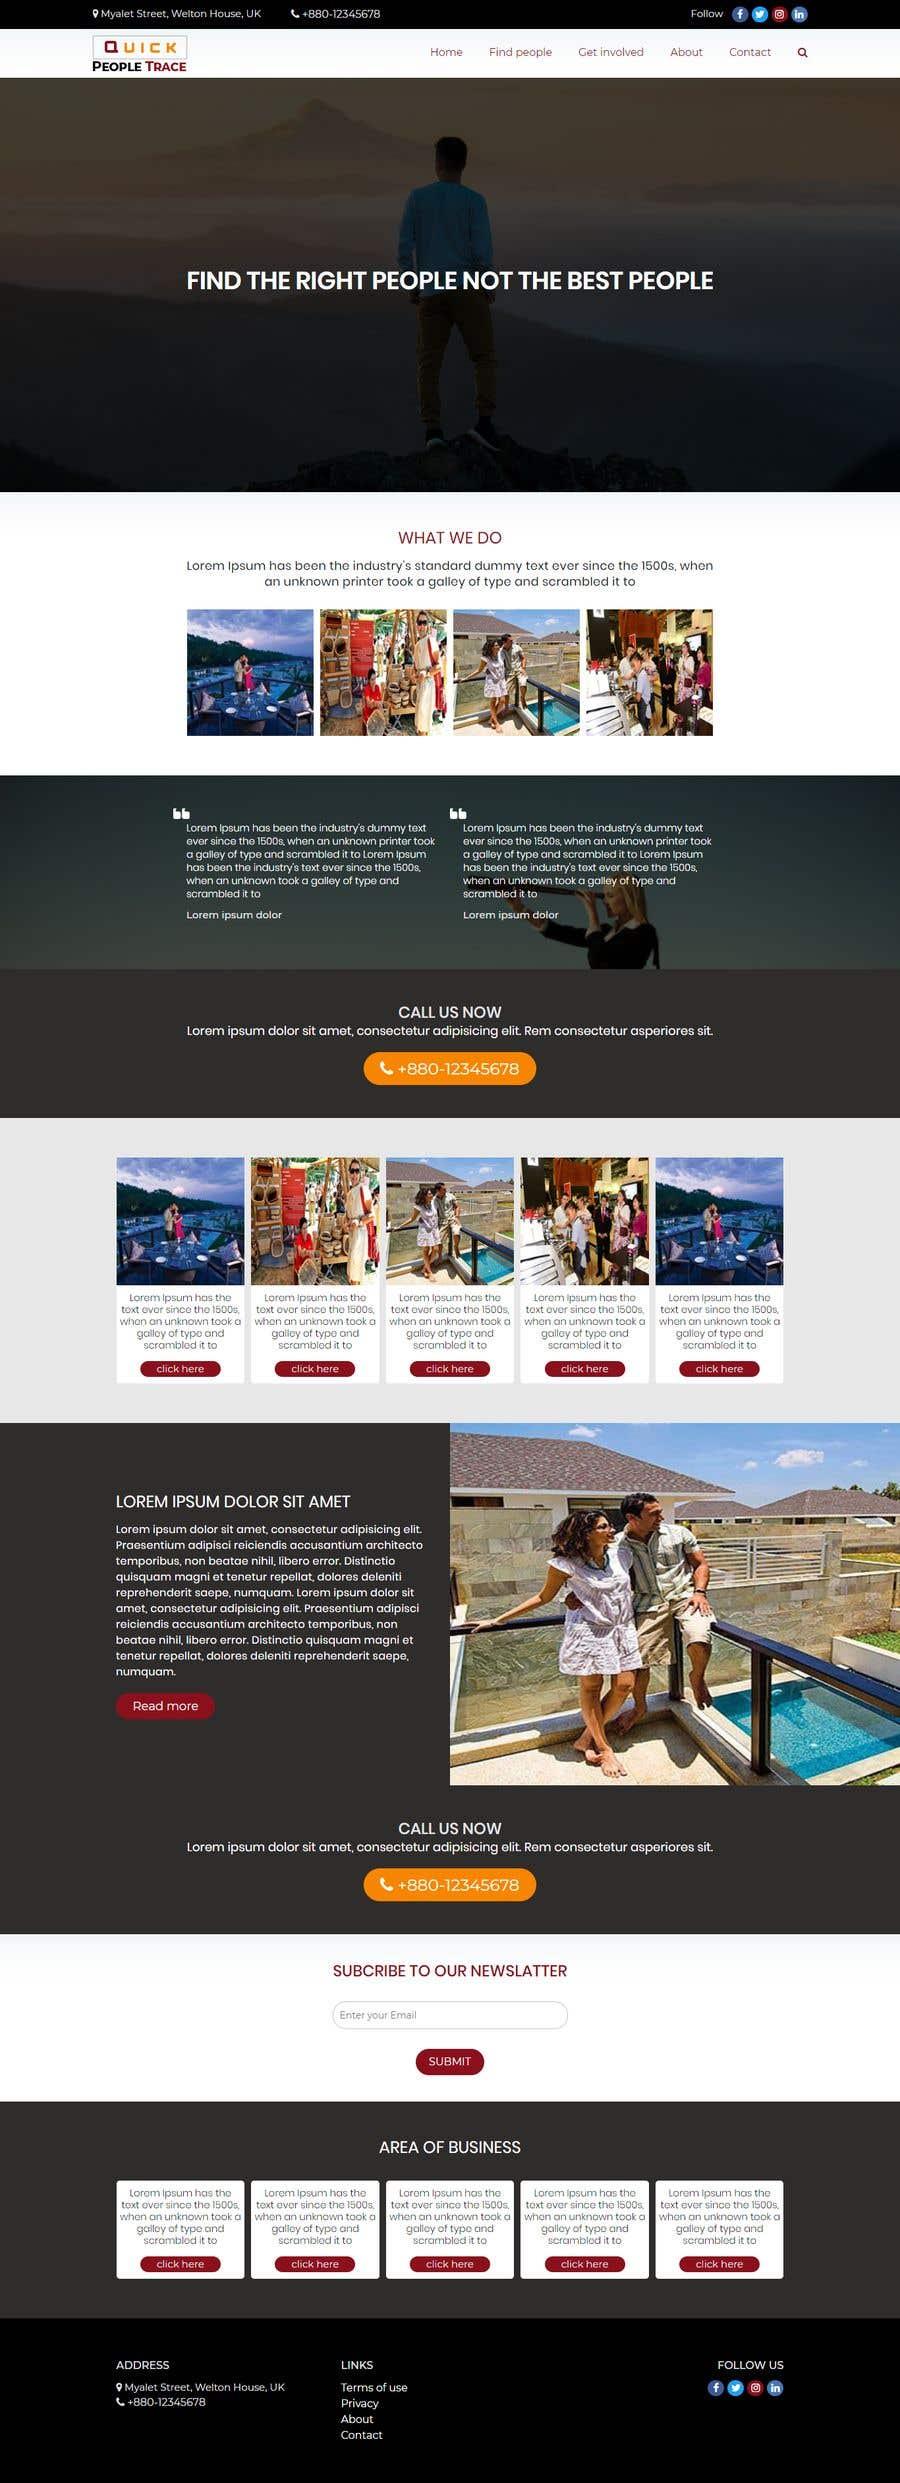 Contest Entry #1 for Design A Website - Easy money